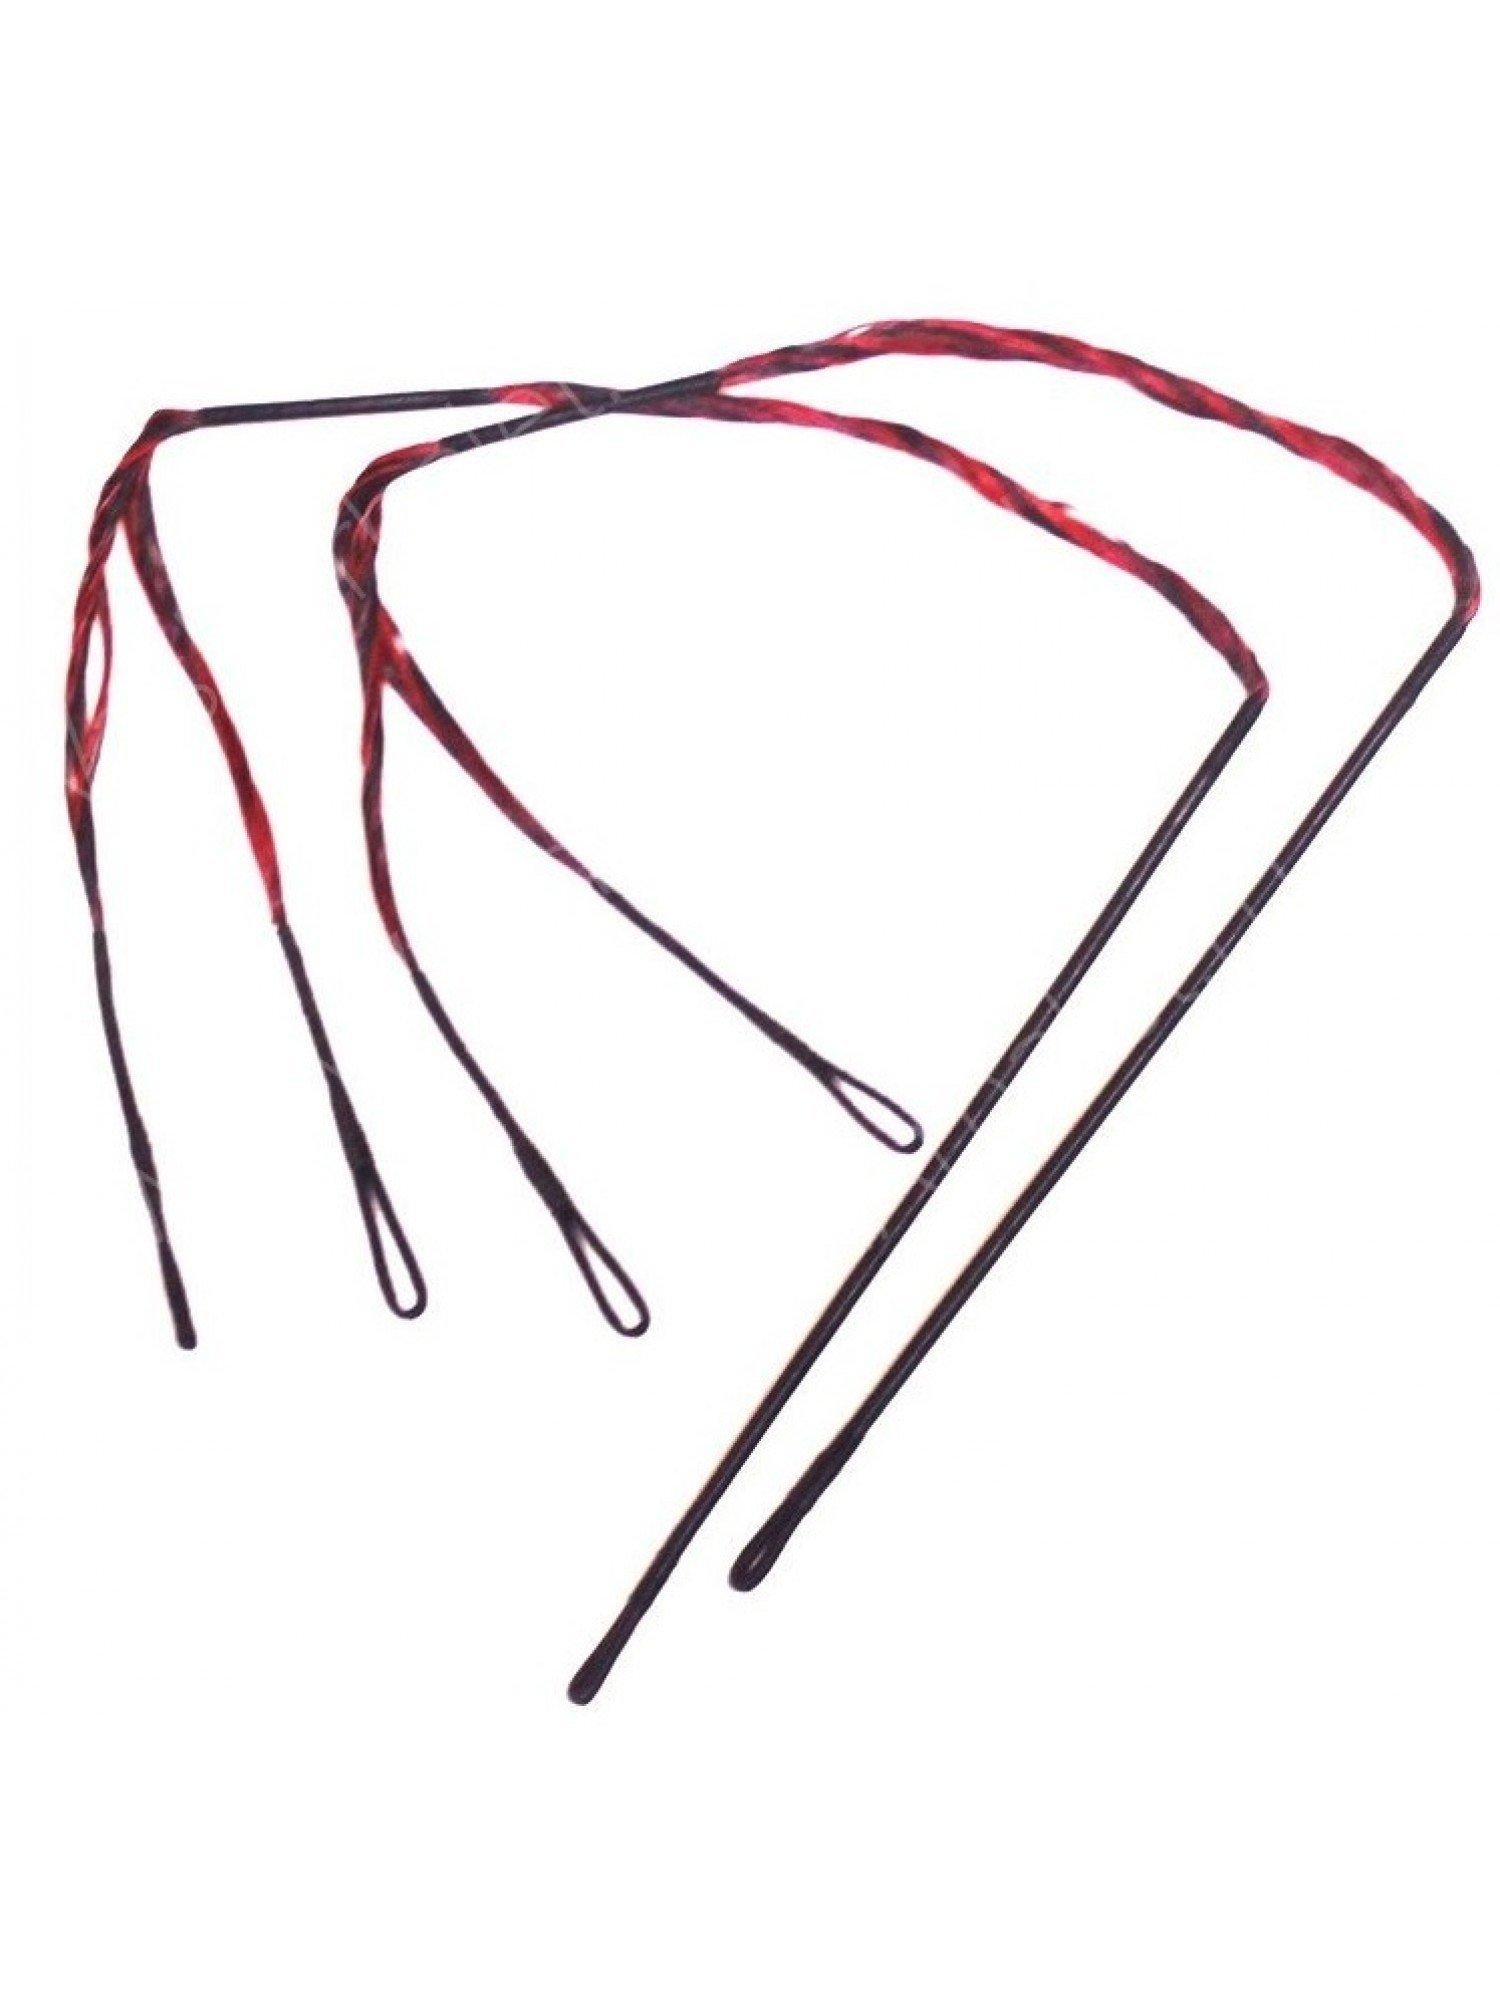 Набор тросов для арбалета MK-300 01981